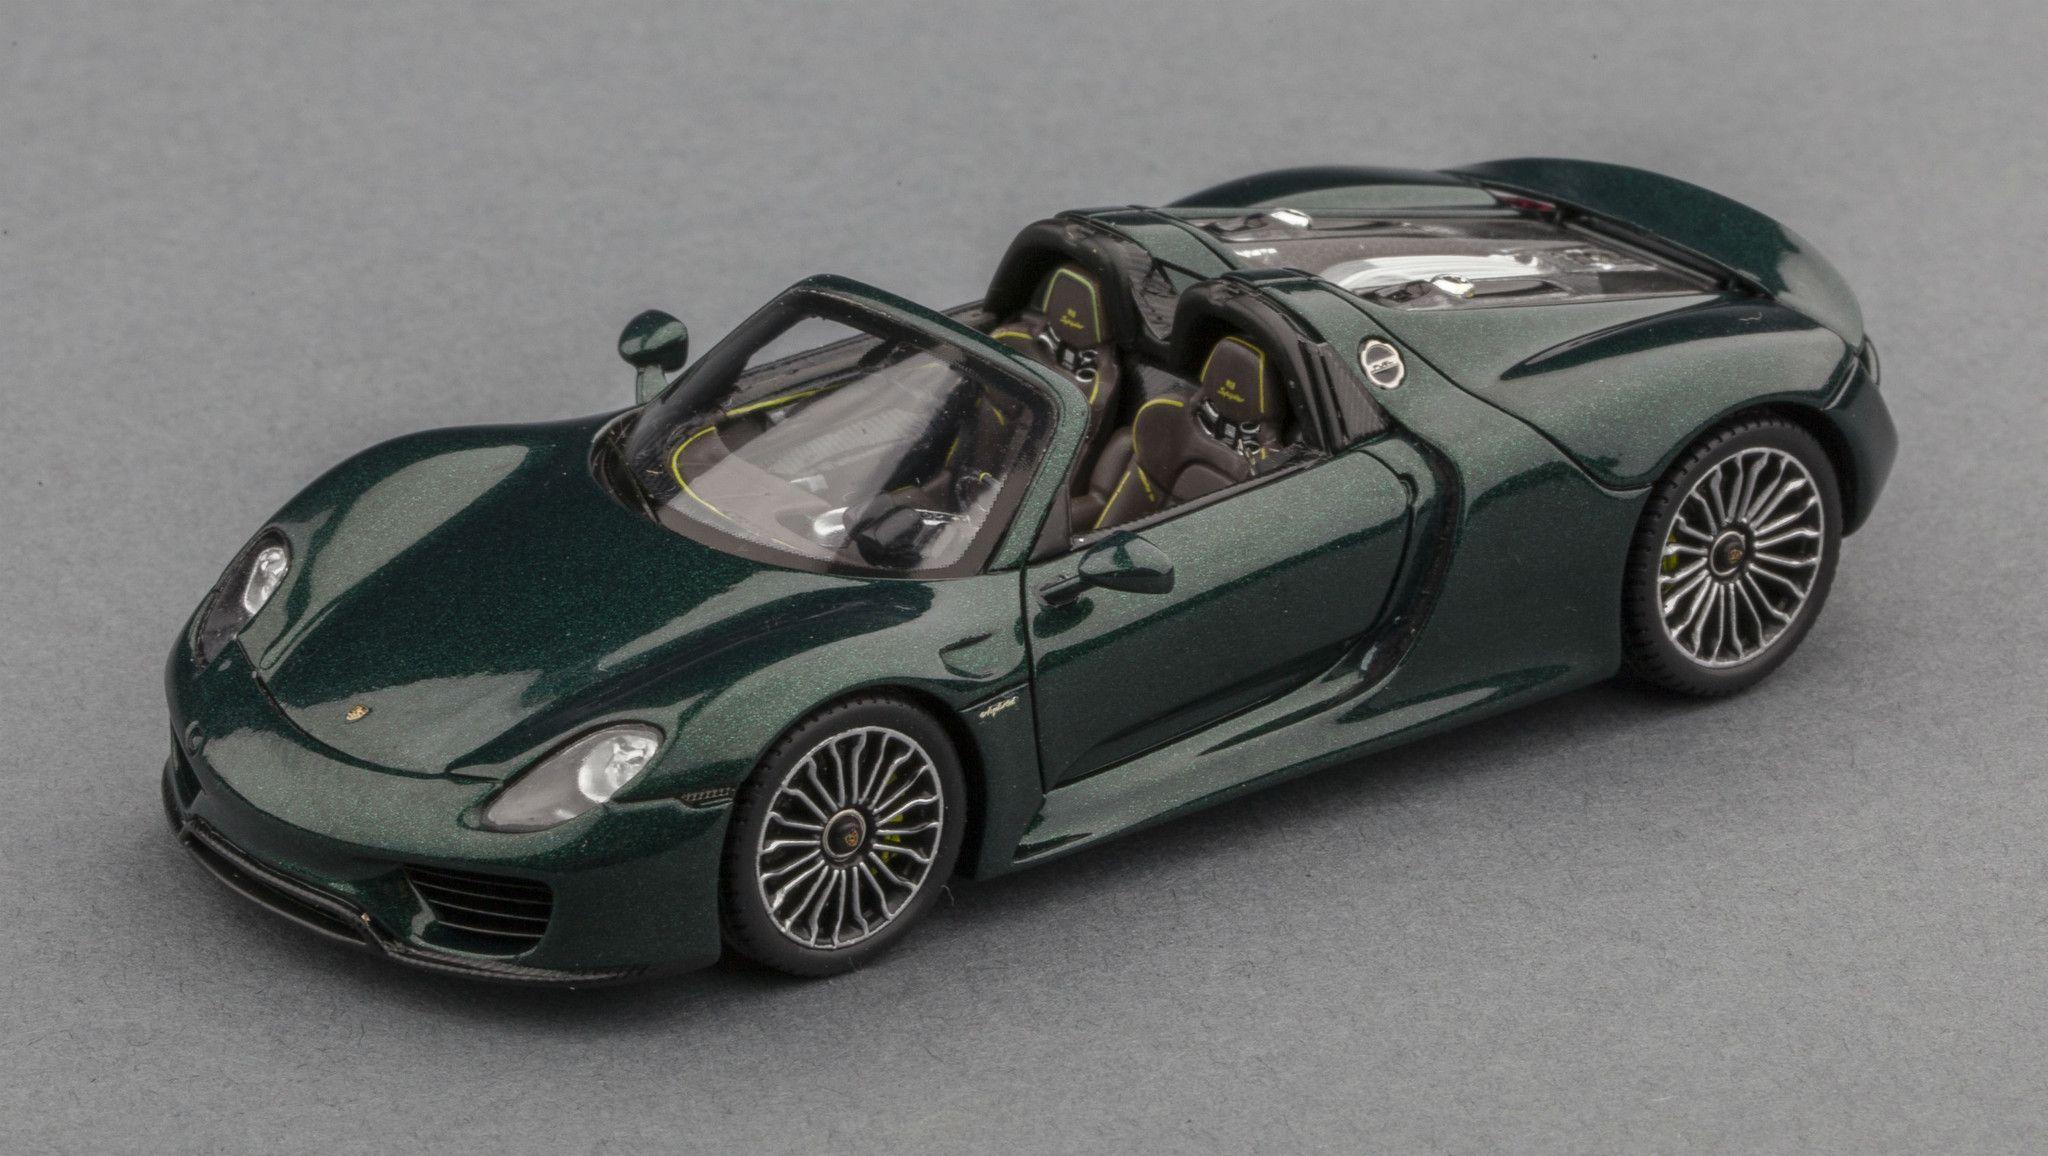 porsche 918 spyder 1 43 scale model car super cars. Black Bedroom Furniture Sets. Home Design Ideas